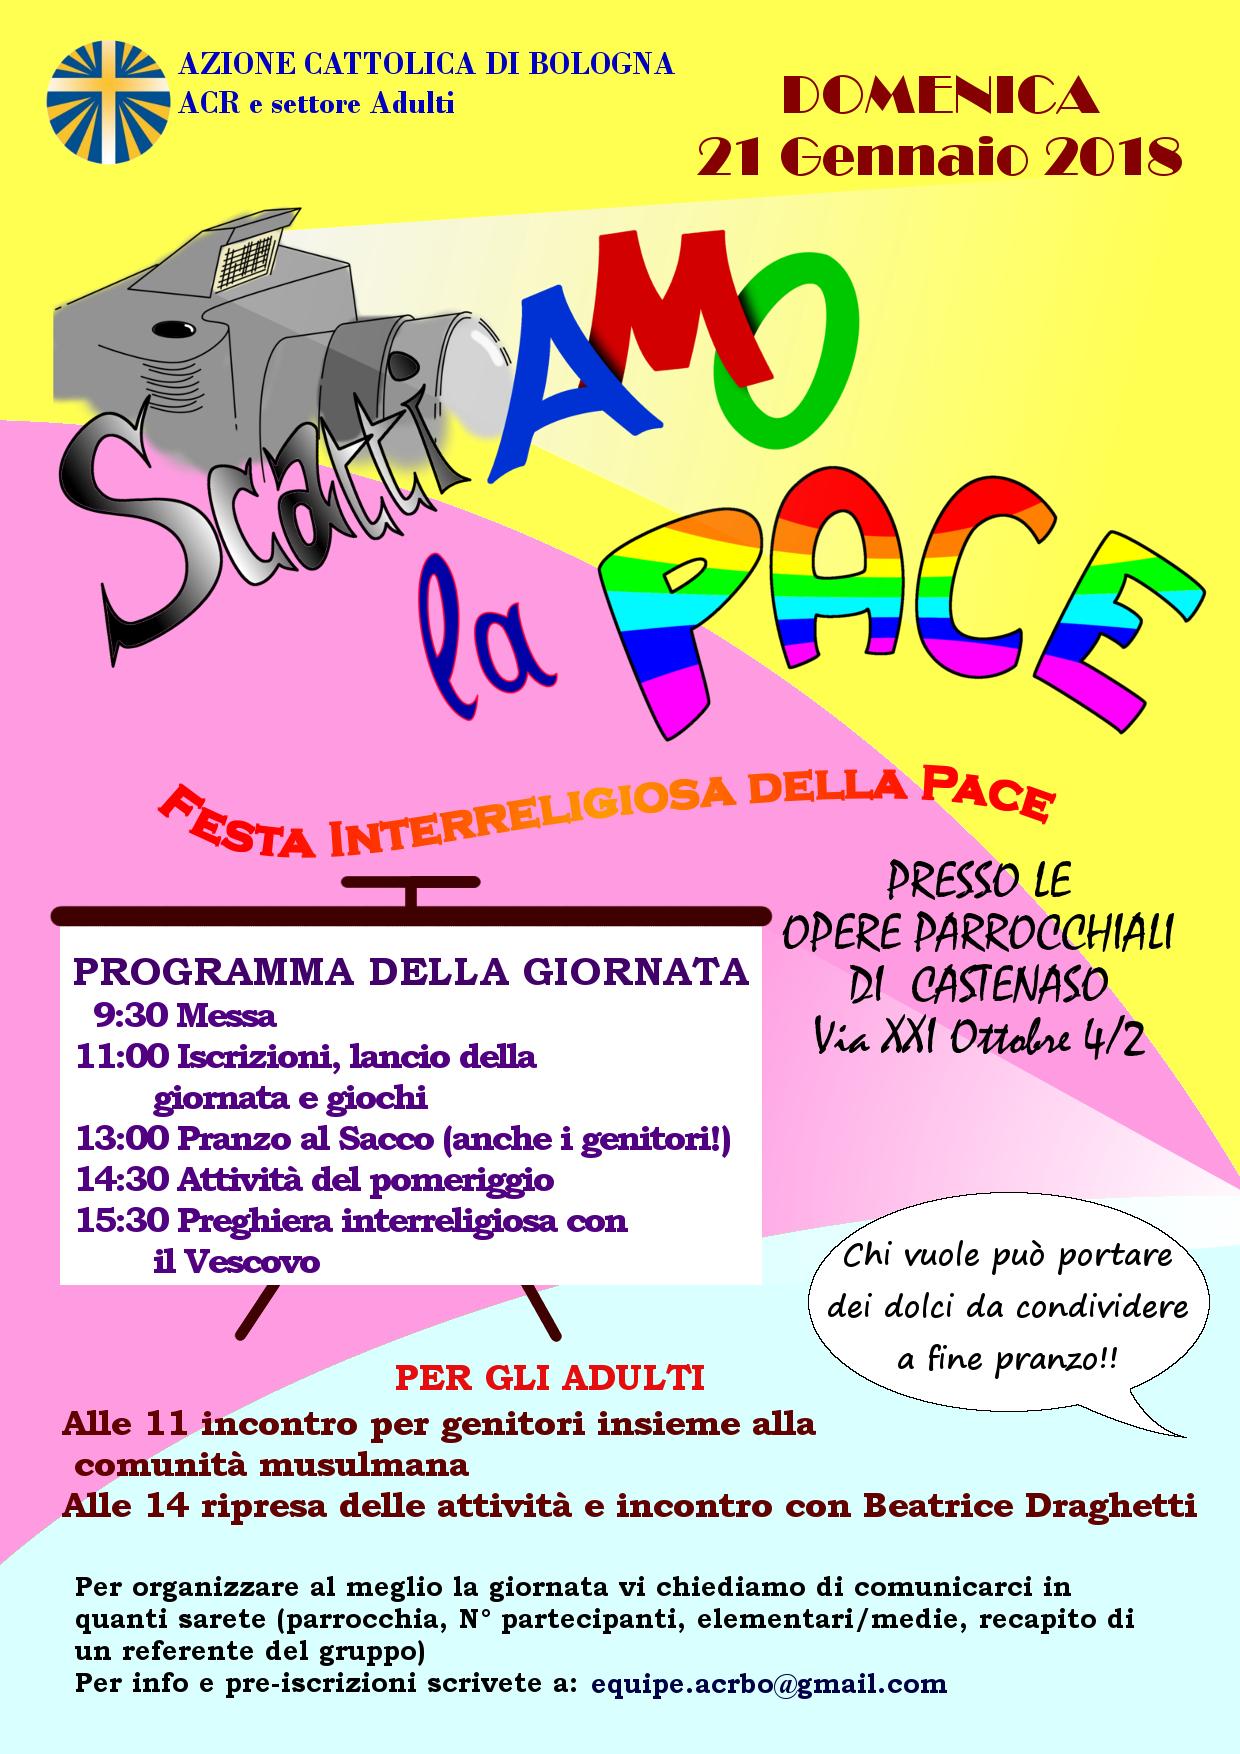 FESTA DELLA PACE @ Opere parrocchiali Castenaso | Castenaso | Emilia-Romagna | Italia